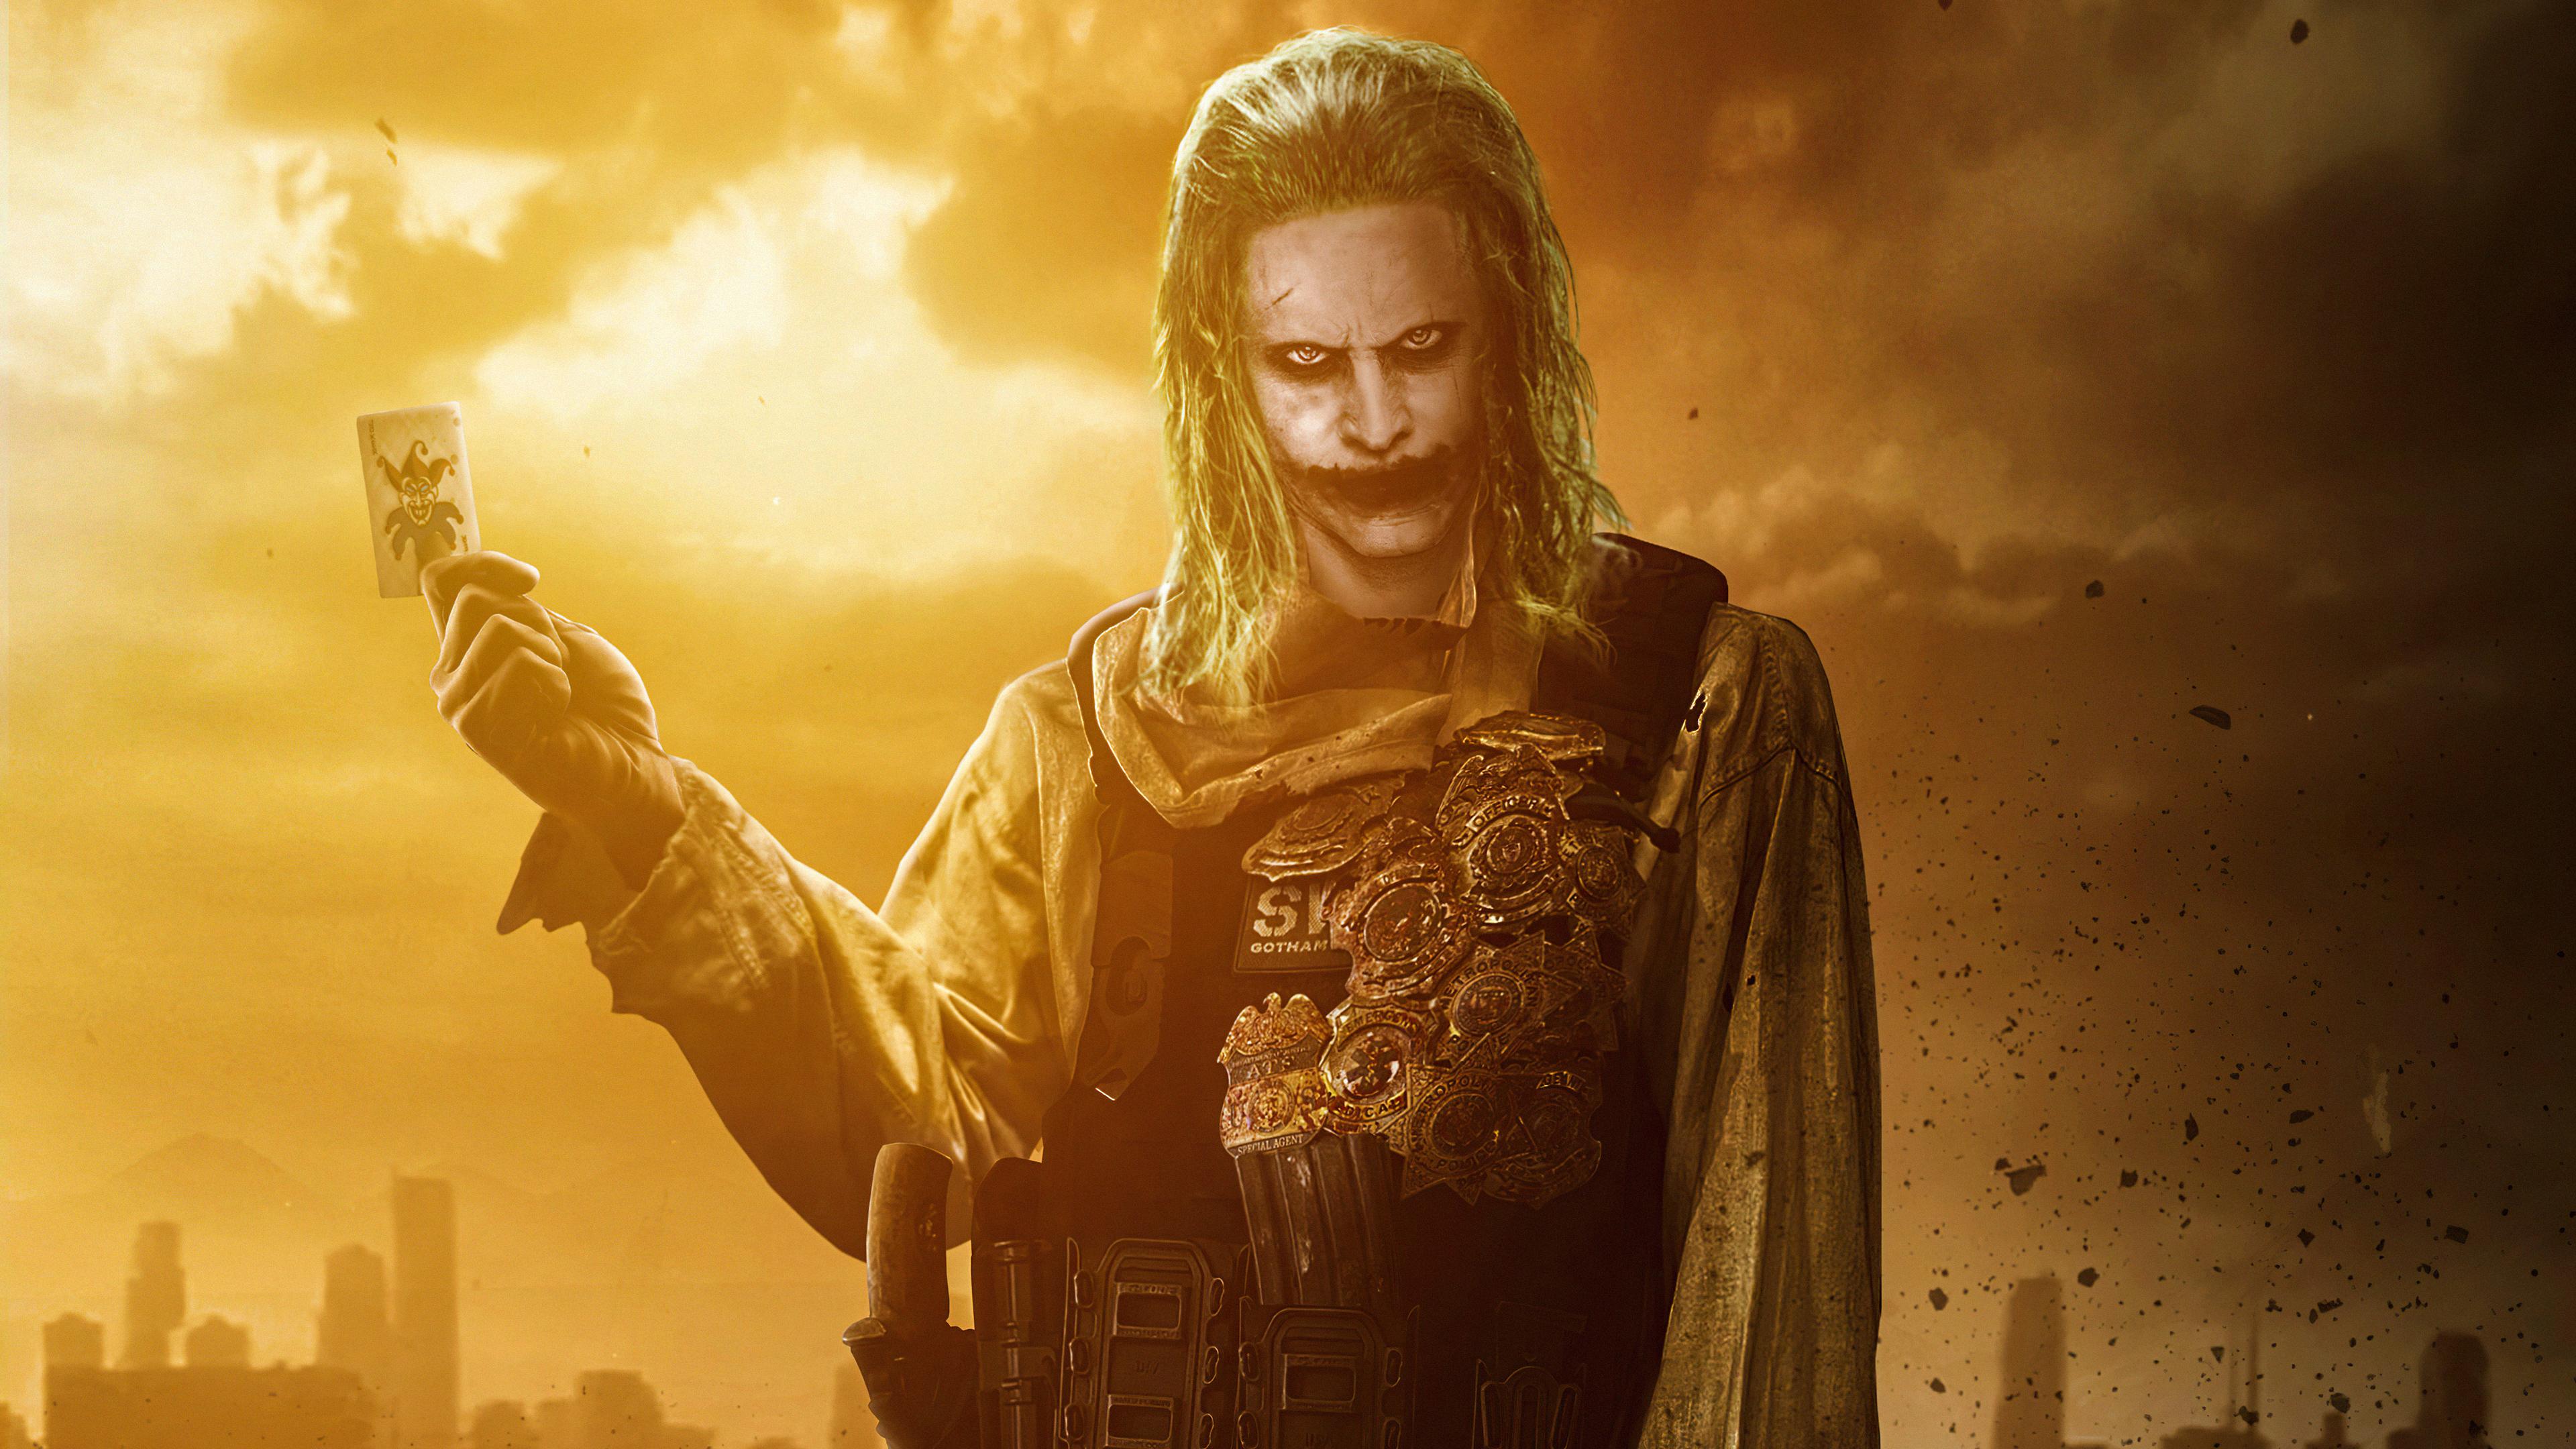 joker knightmare justice league 2021 4k 1618165824 - Joker Knightmare Justice League 2021 4k - Joker Knightmare Justice League 2021 4k wallpapers